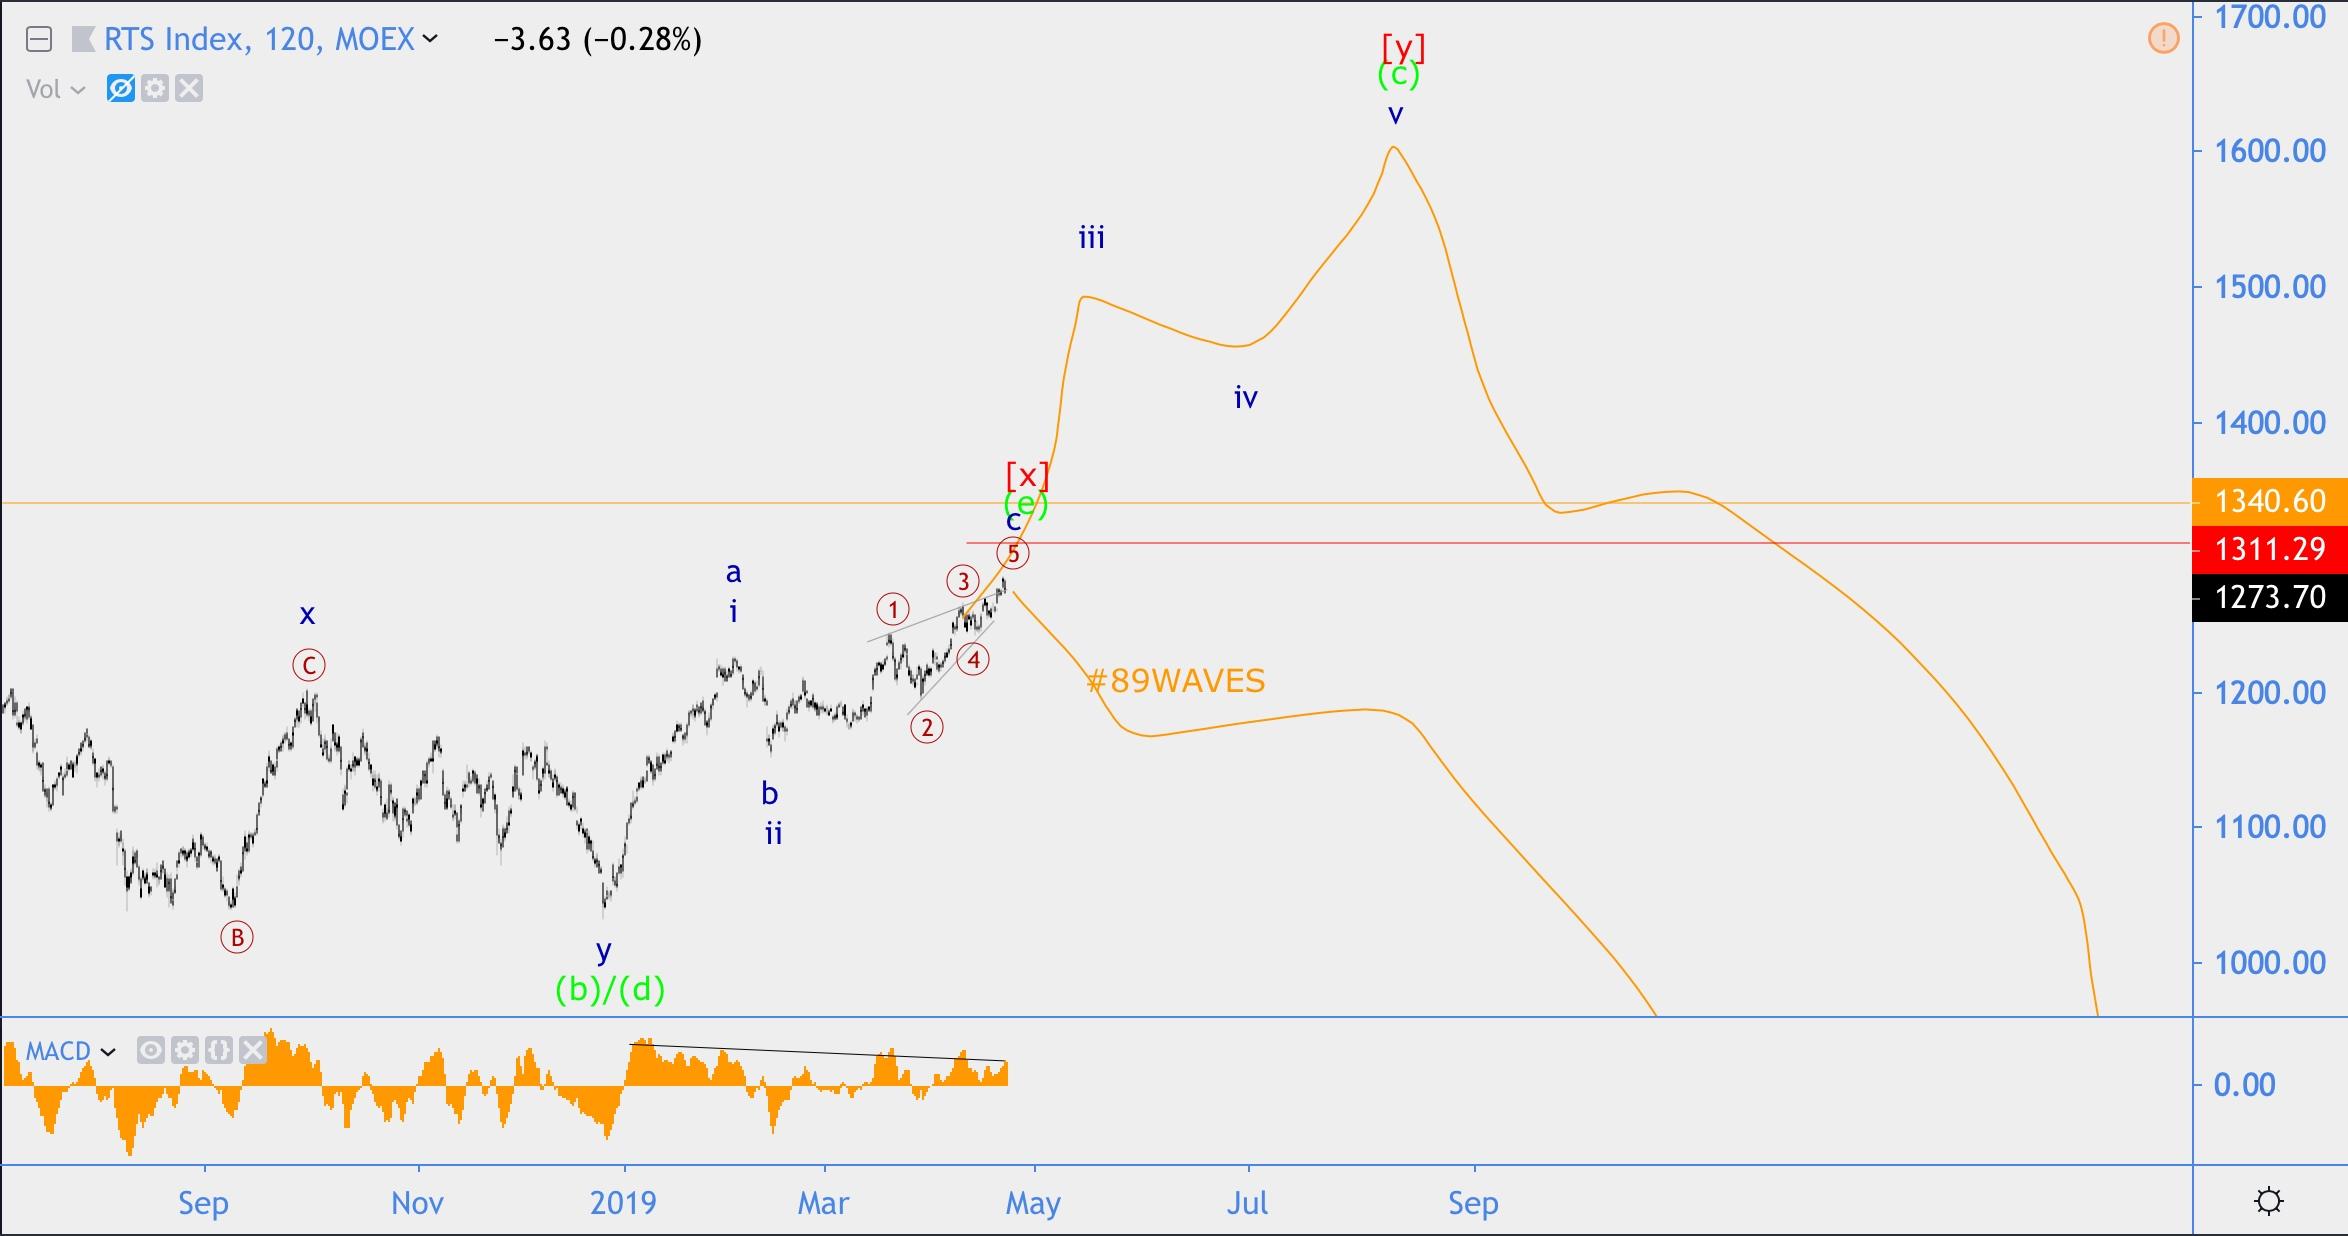 Волновой анализ Нефть, GBP/USD, Индекс РТС